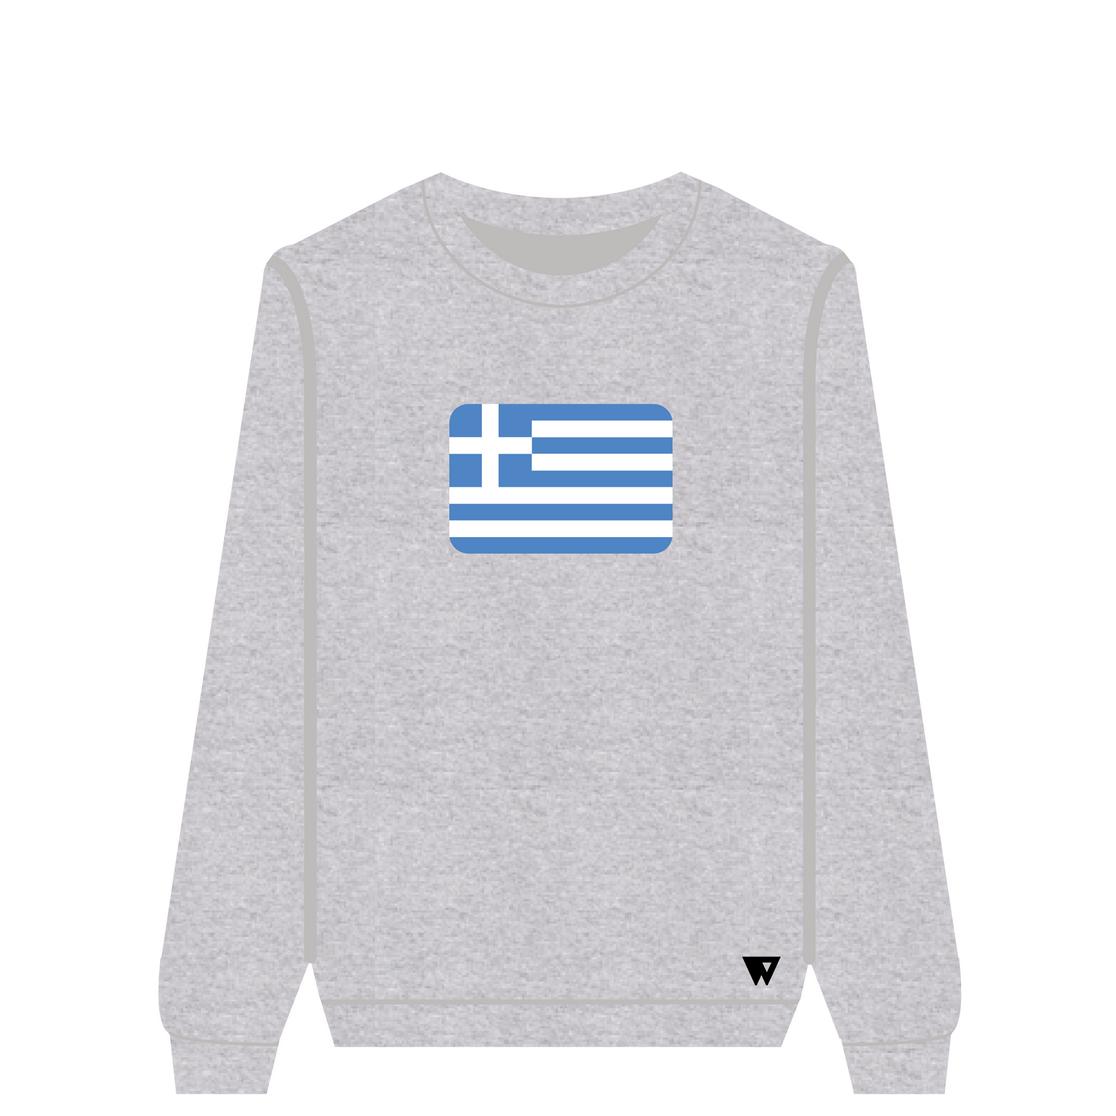 Sweatshirt Greece | Wuzzee